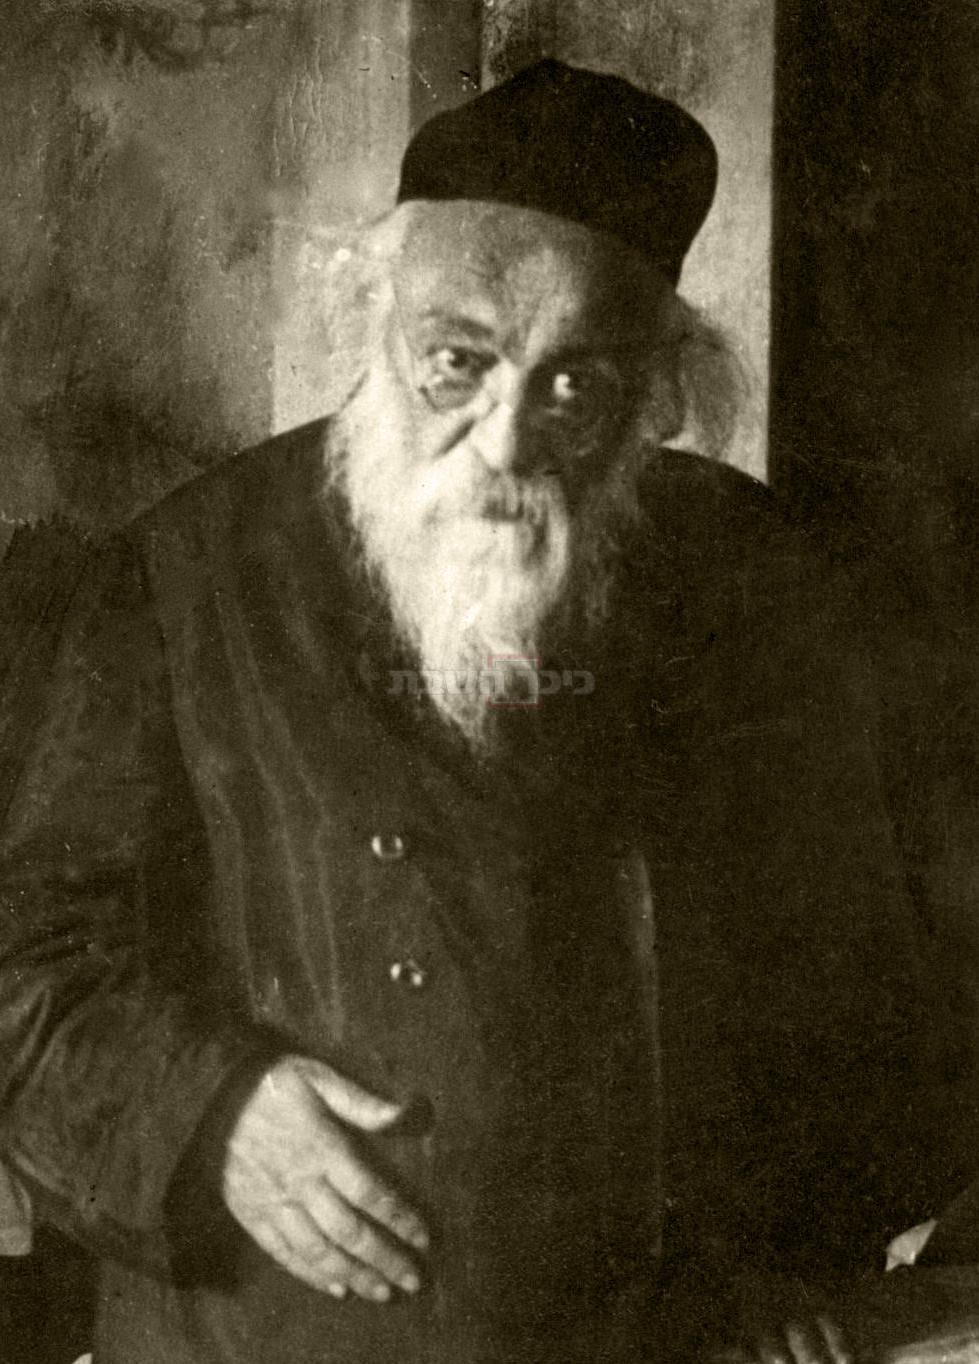 הרב מבריסק (צילום: ויקיפדיה, מאת לא ידוע - הספרייה הלאומית, אוסף שבדרון, נחלת הכלל)